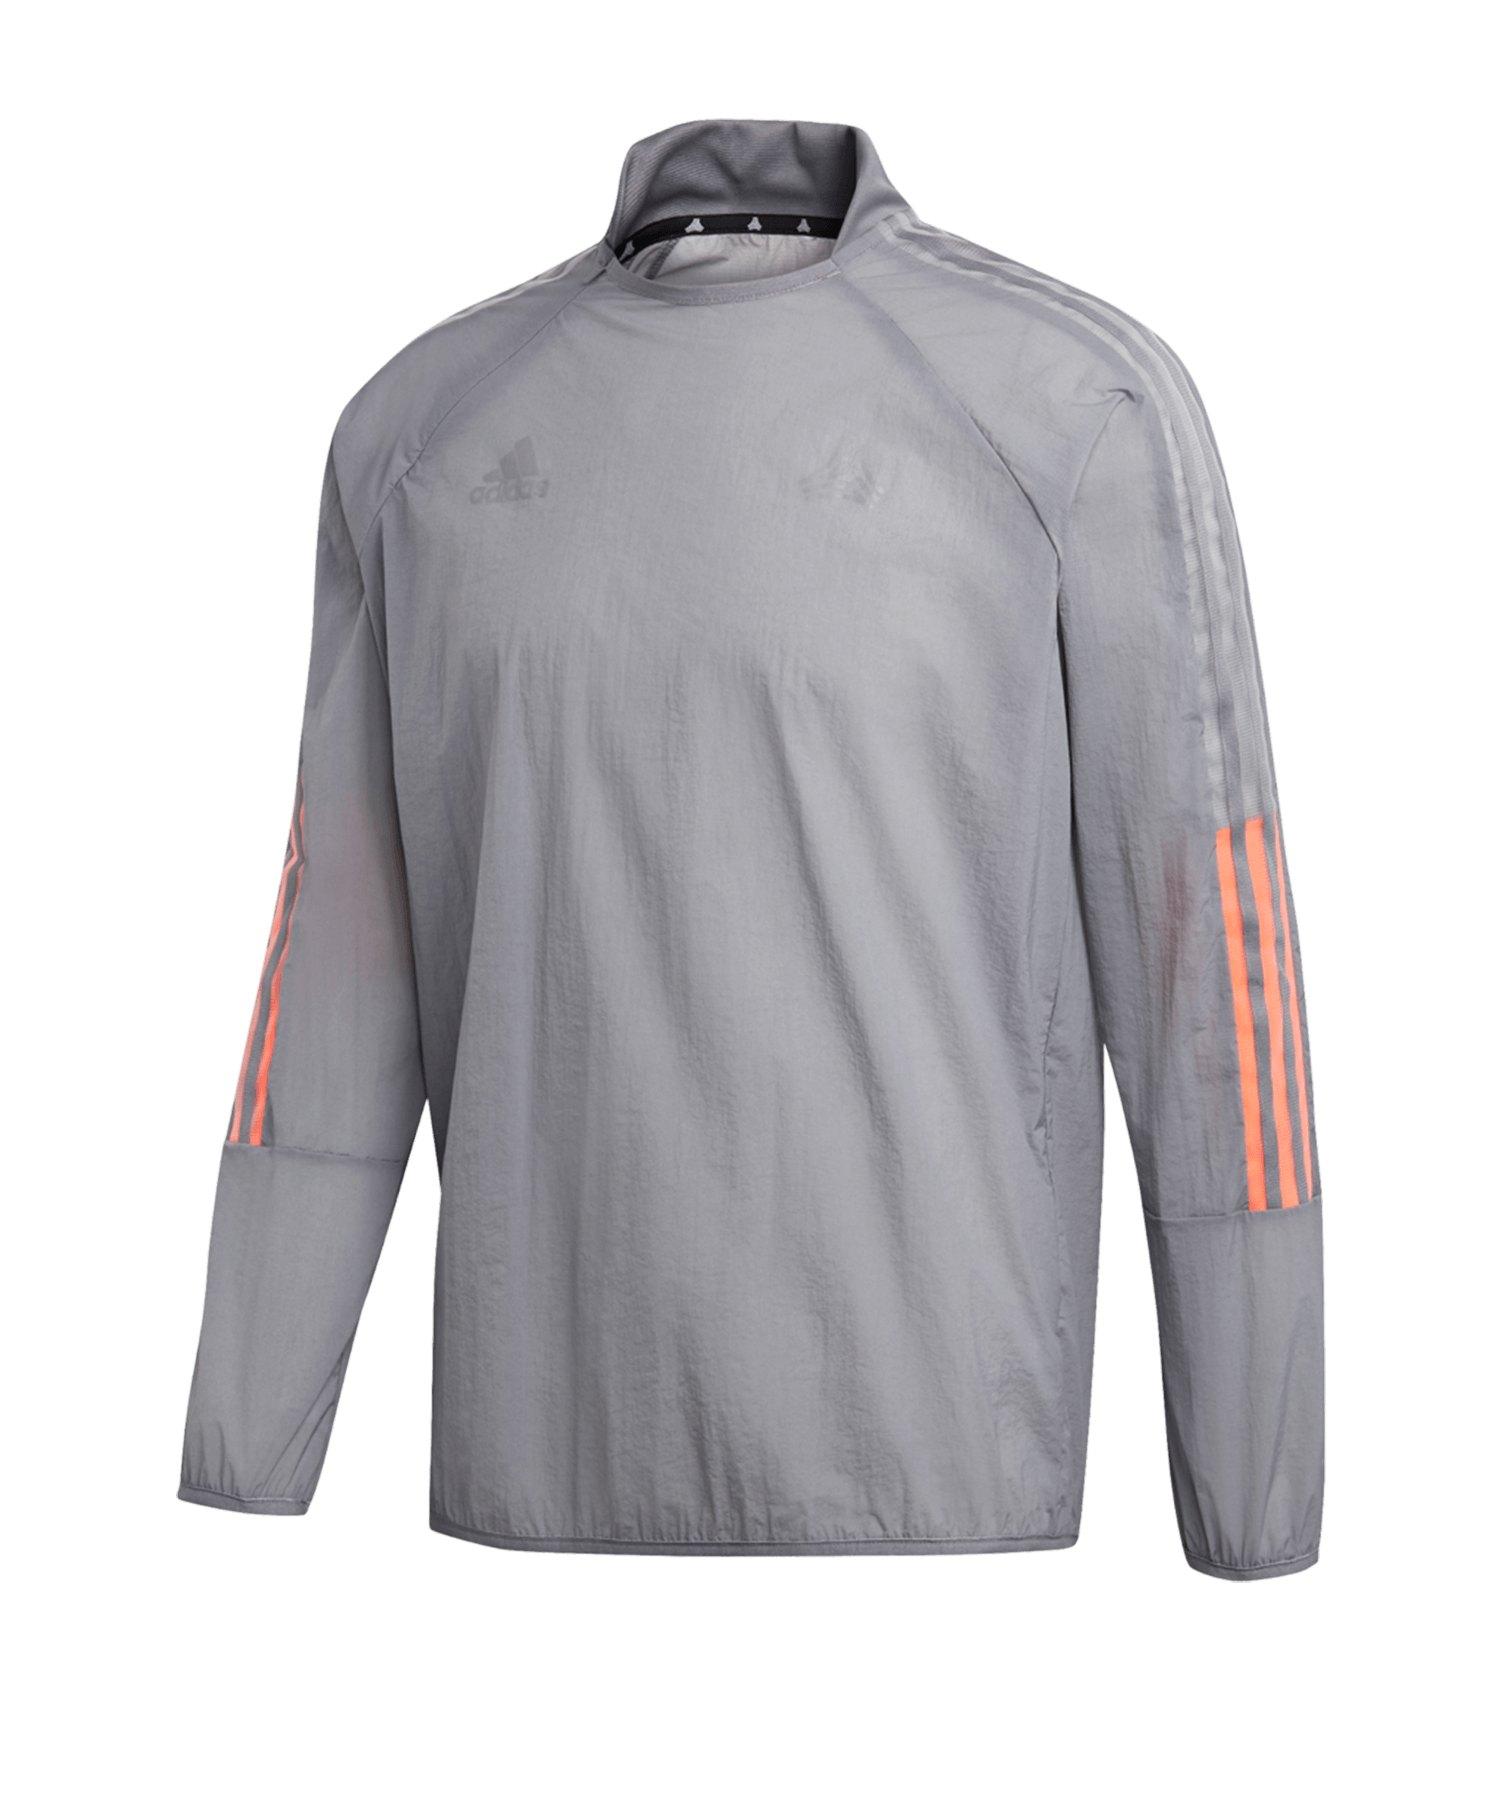 adidas Tango ADV Piste Sweatshirt Grau - grau